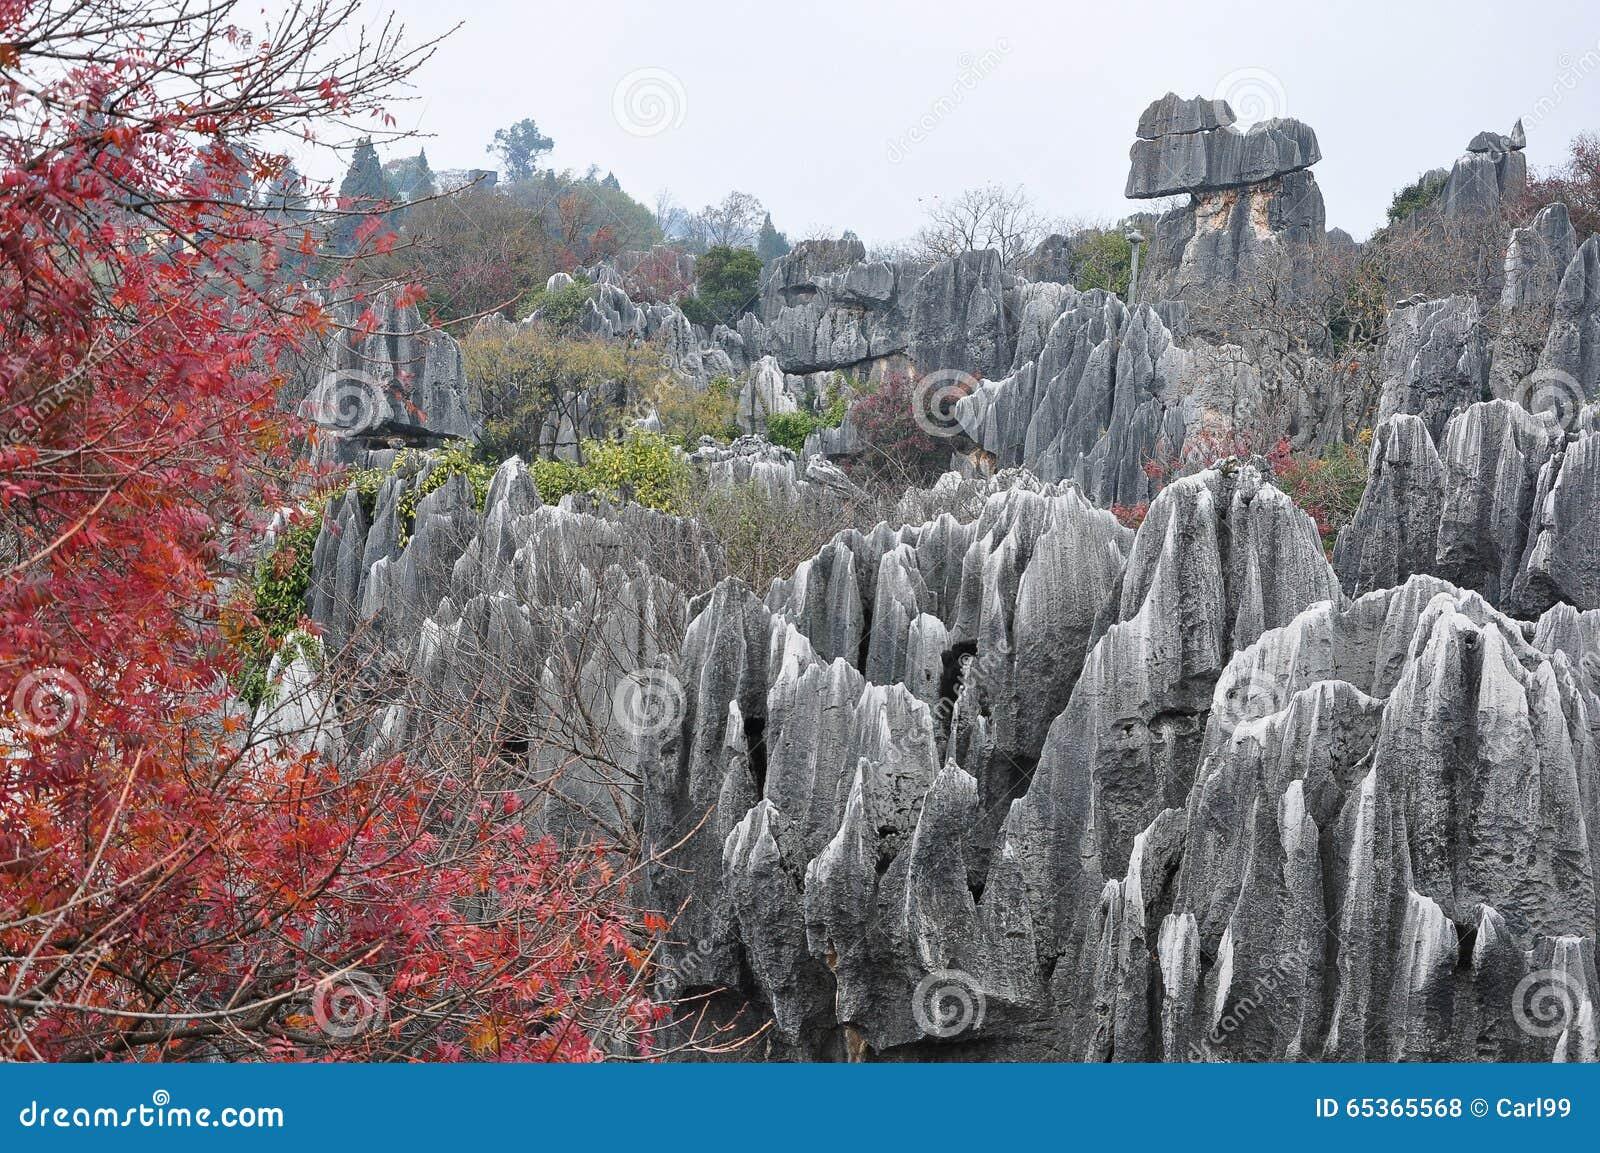 云南的,中国美丽的石森林.图片